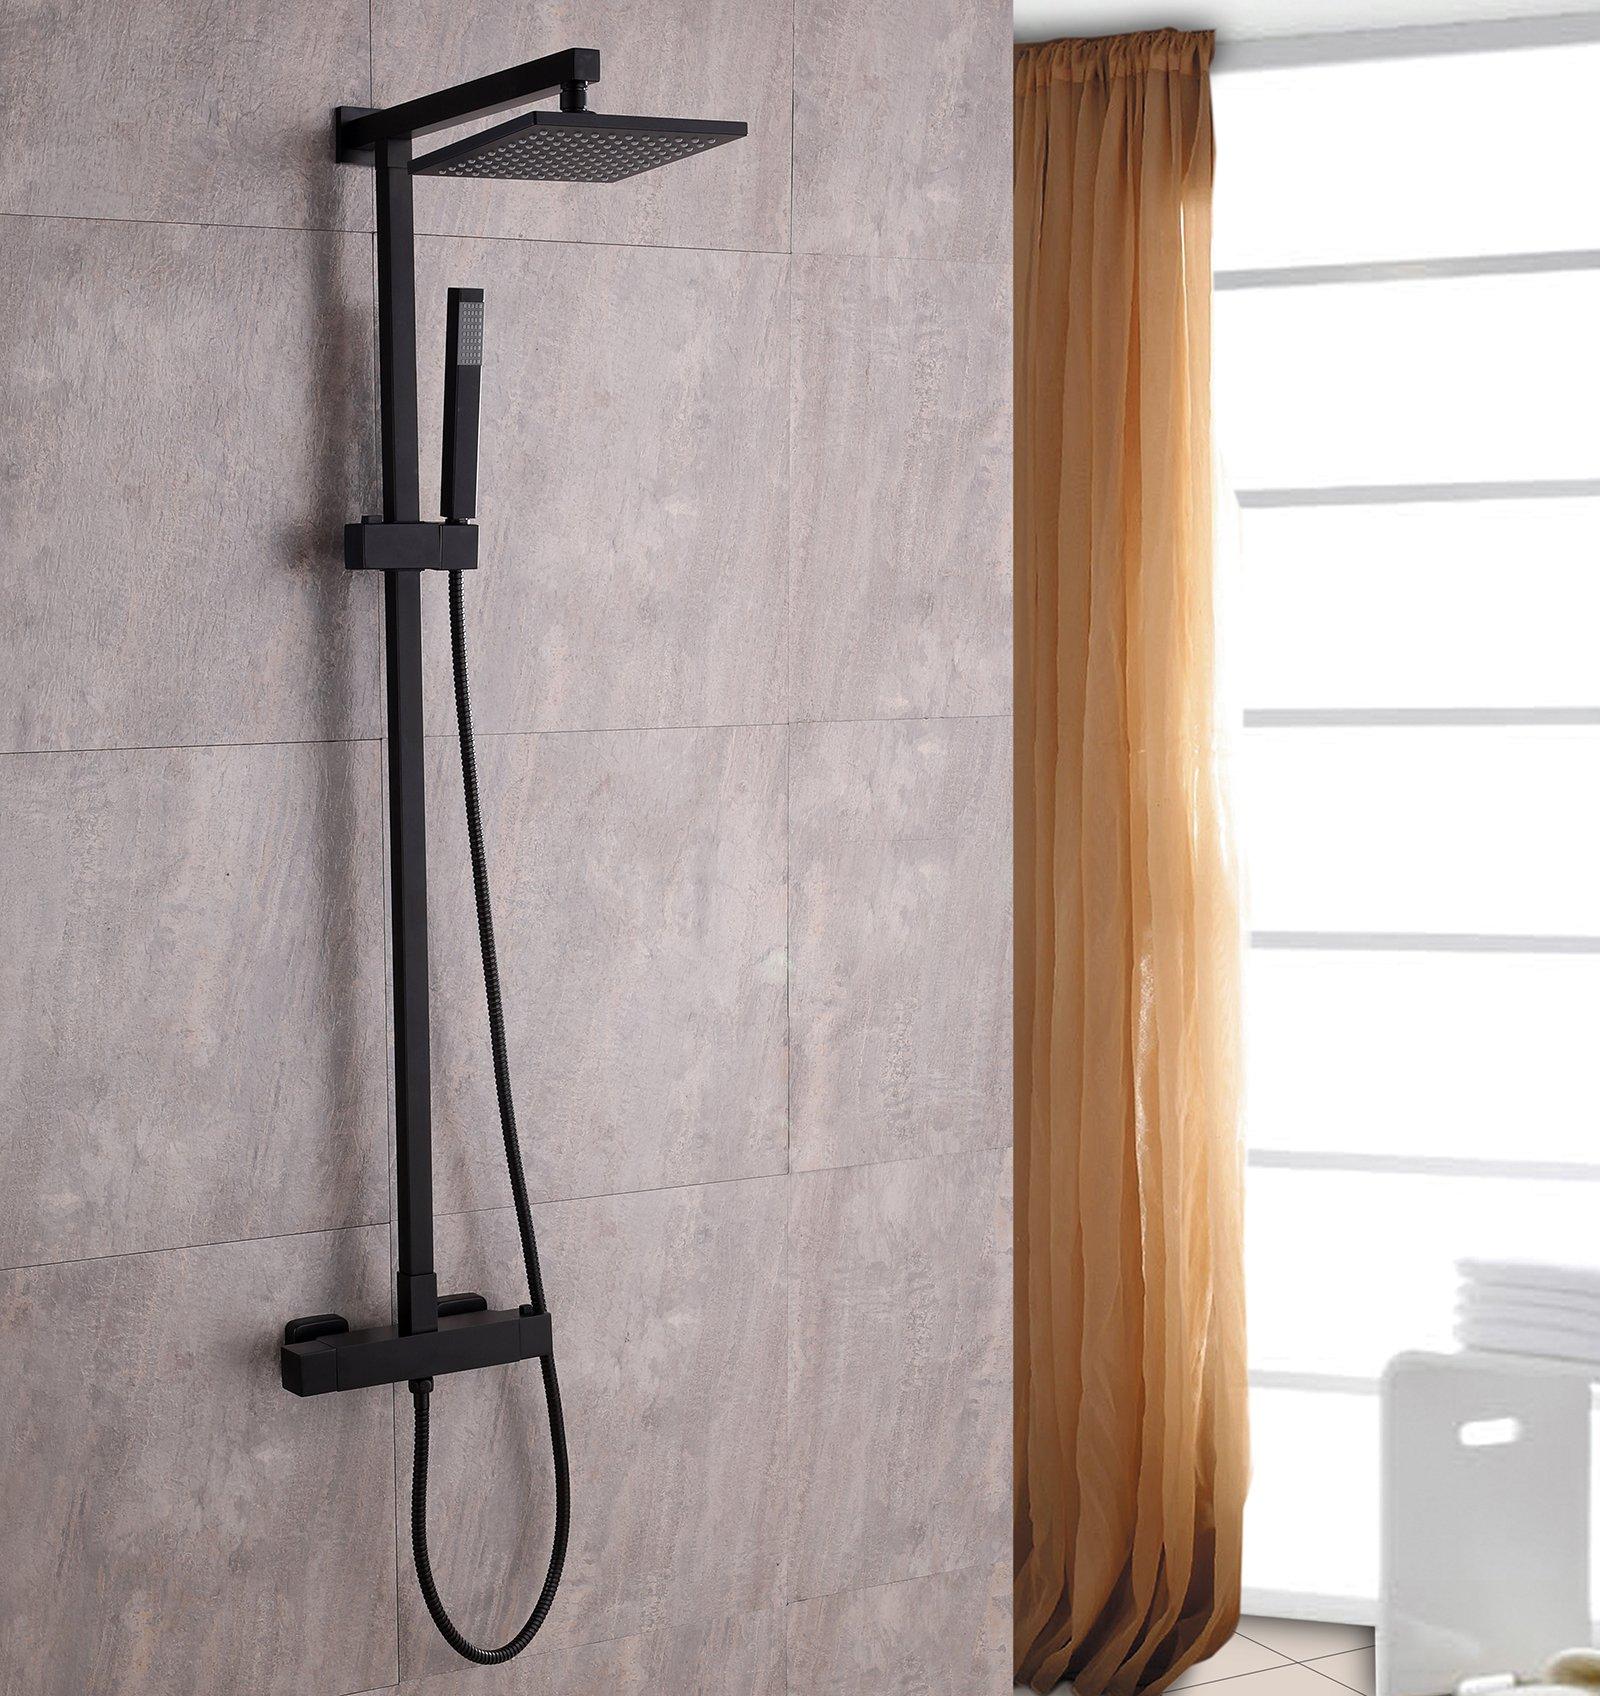 Design-Duschsystem Duschsäule SEDAL-Thermostat 8921B Basic in Schwarz - Auswahl ABS-Duschkopf eckig